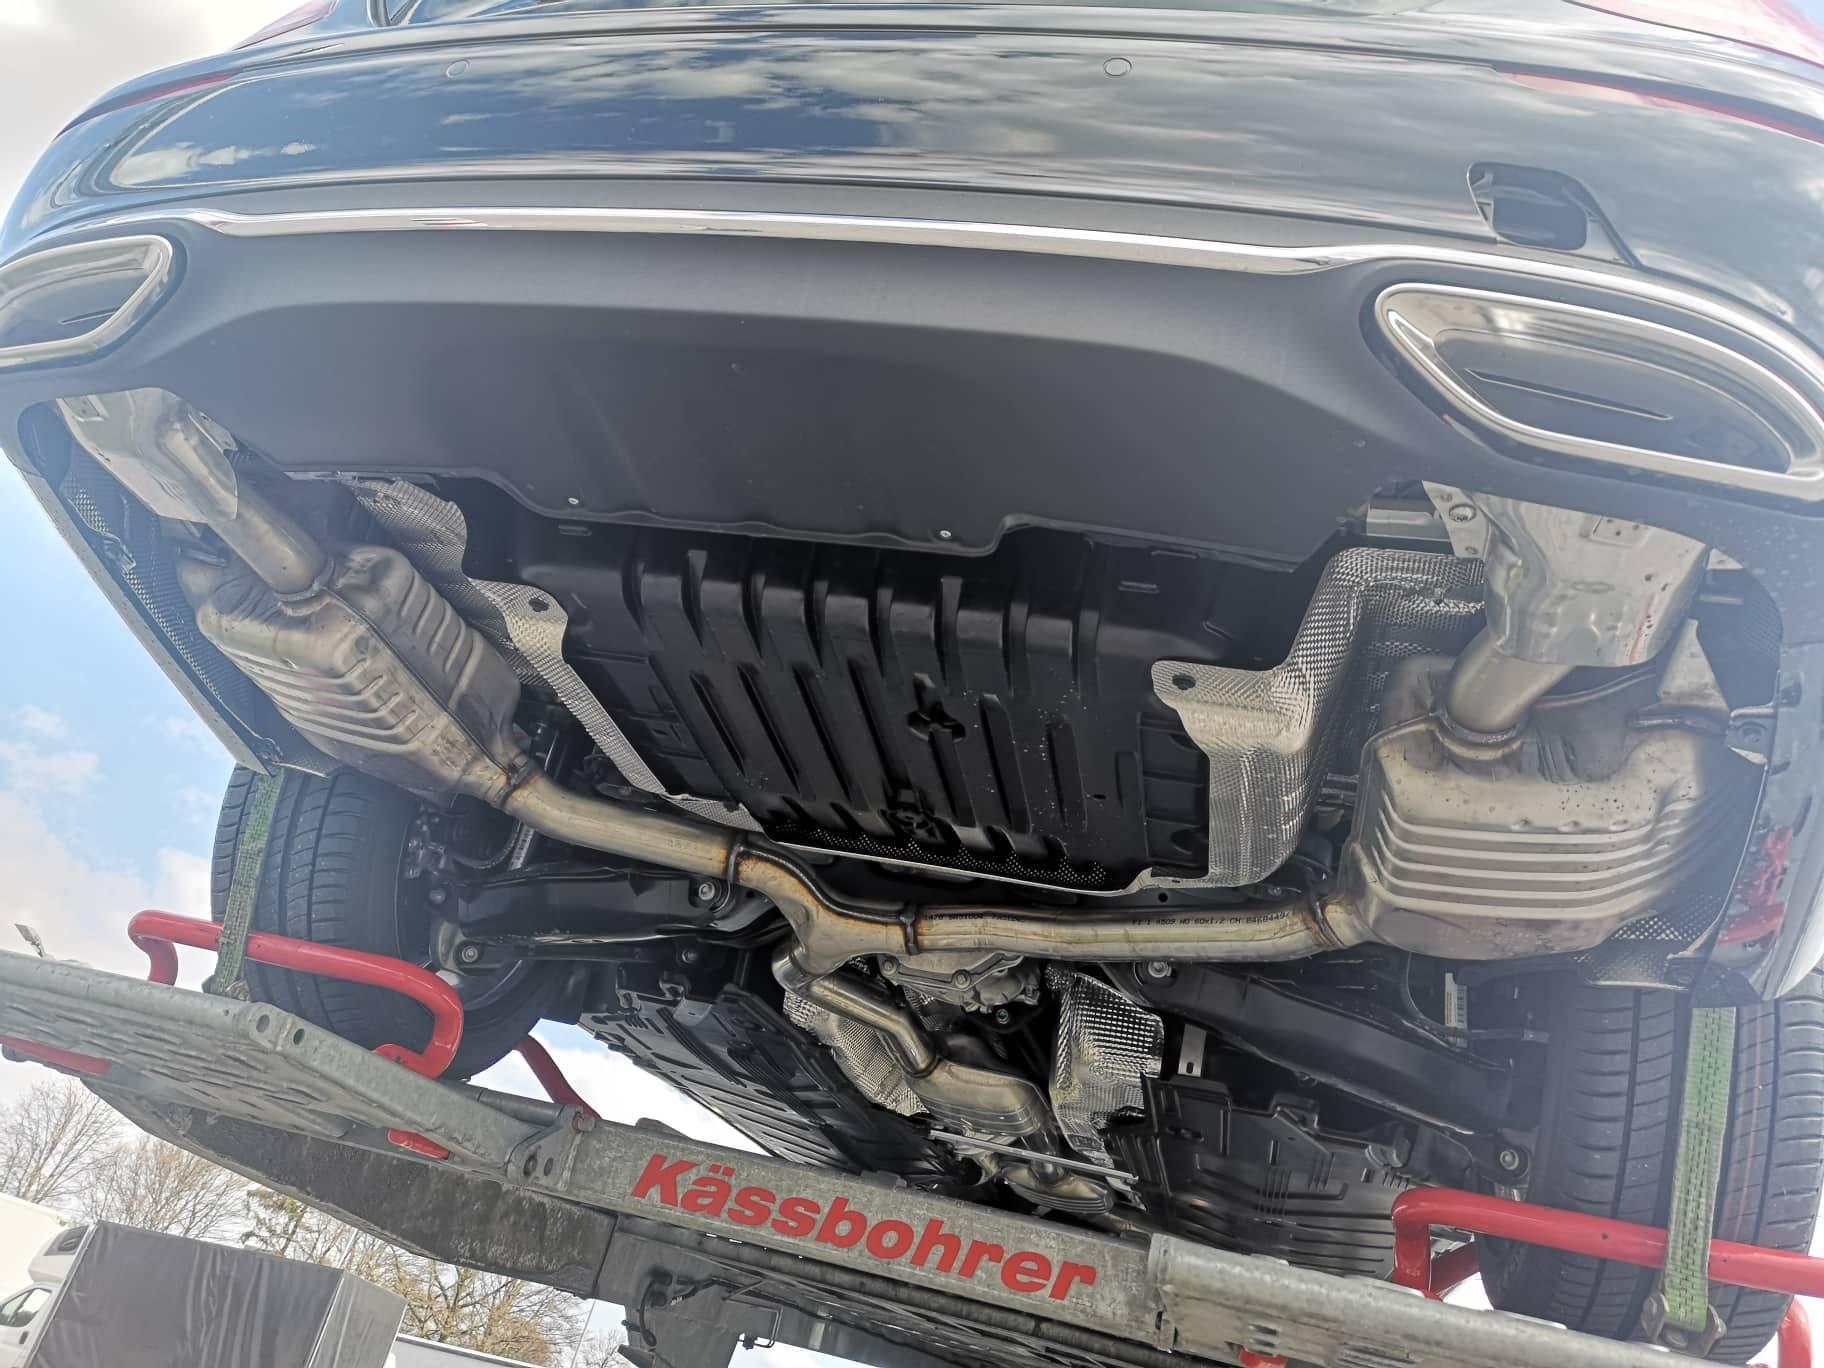 Mercedesu dojadile kritike na račun lažnih auspuha?